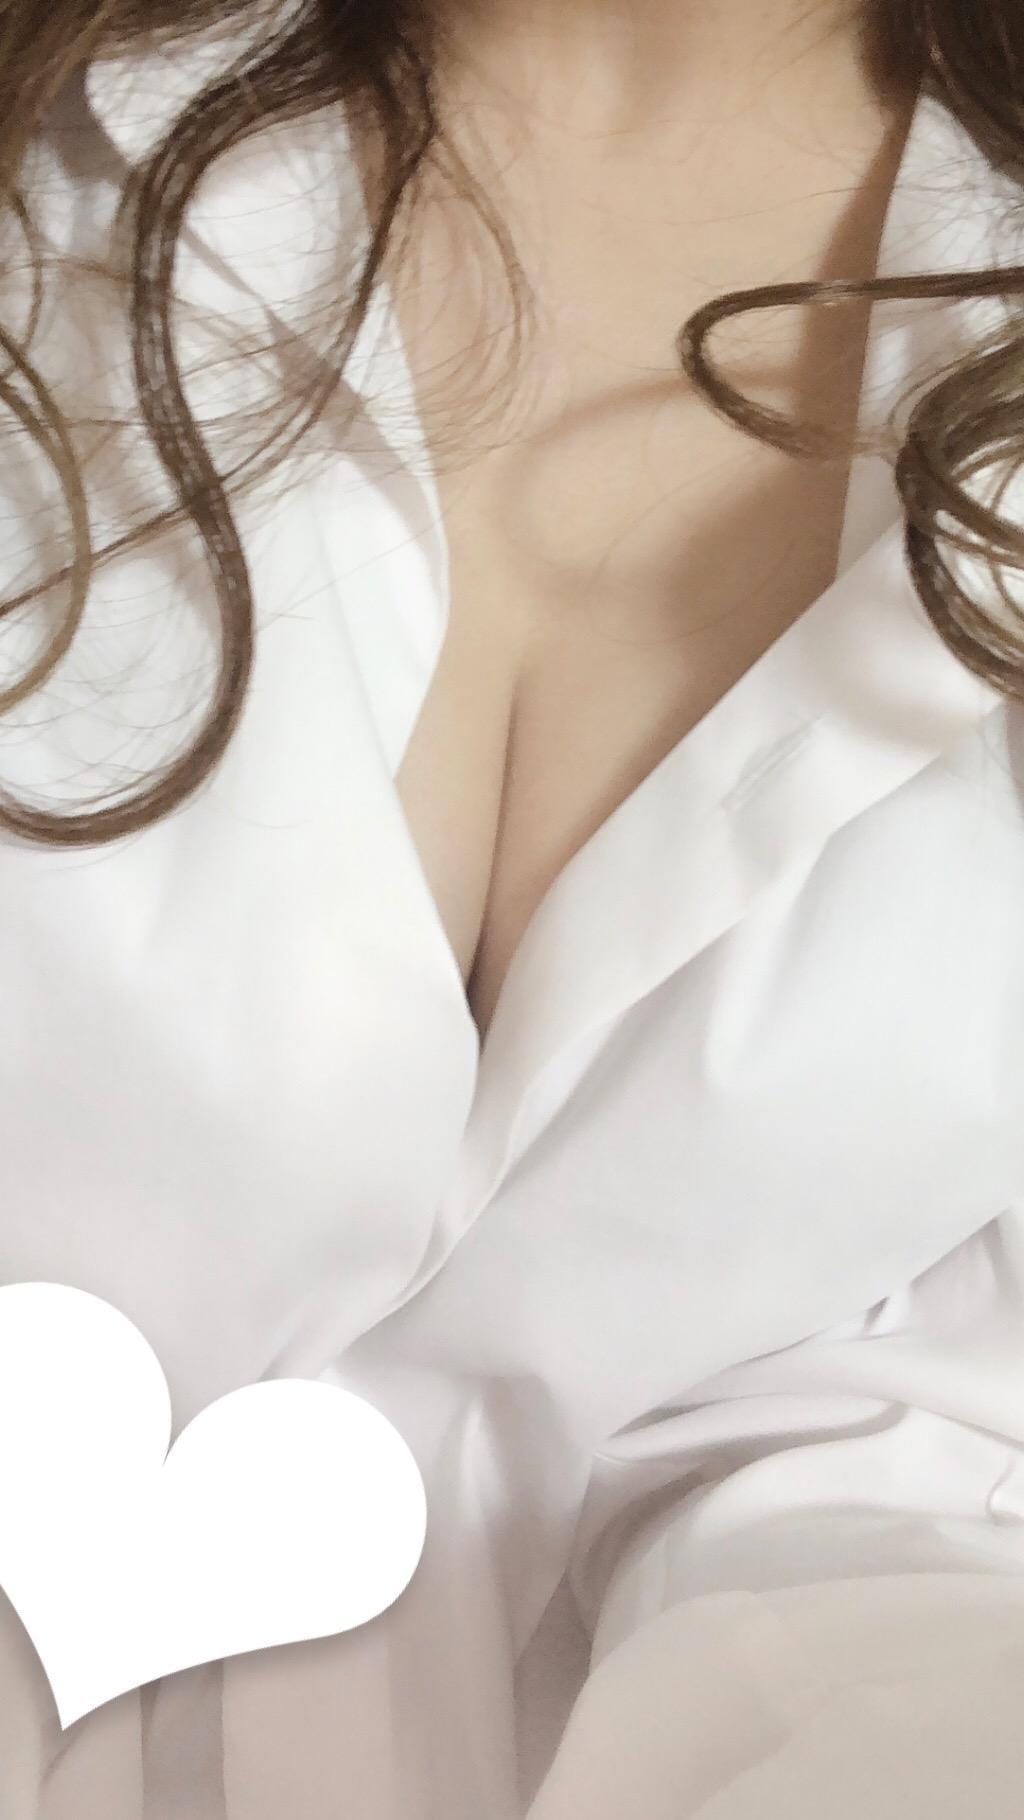 「初の土曜出勤です♡」05/25(05/25) 11:38 | あんちゃんの写メ・風俗動画